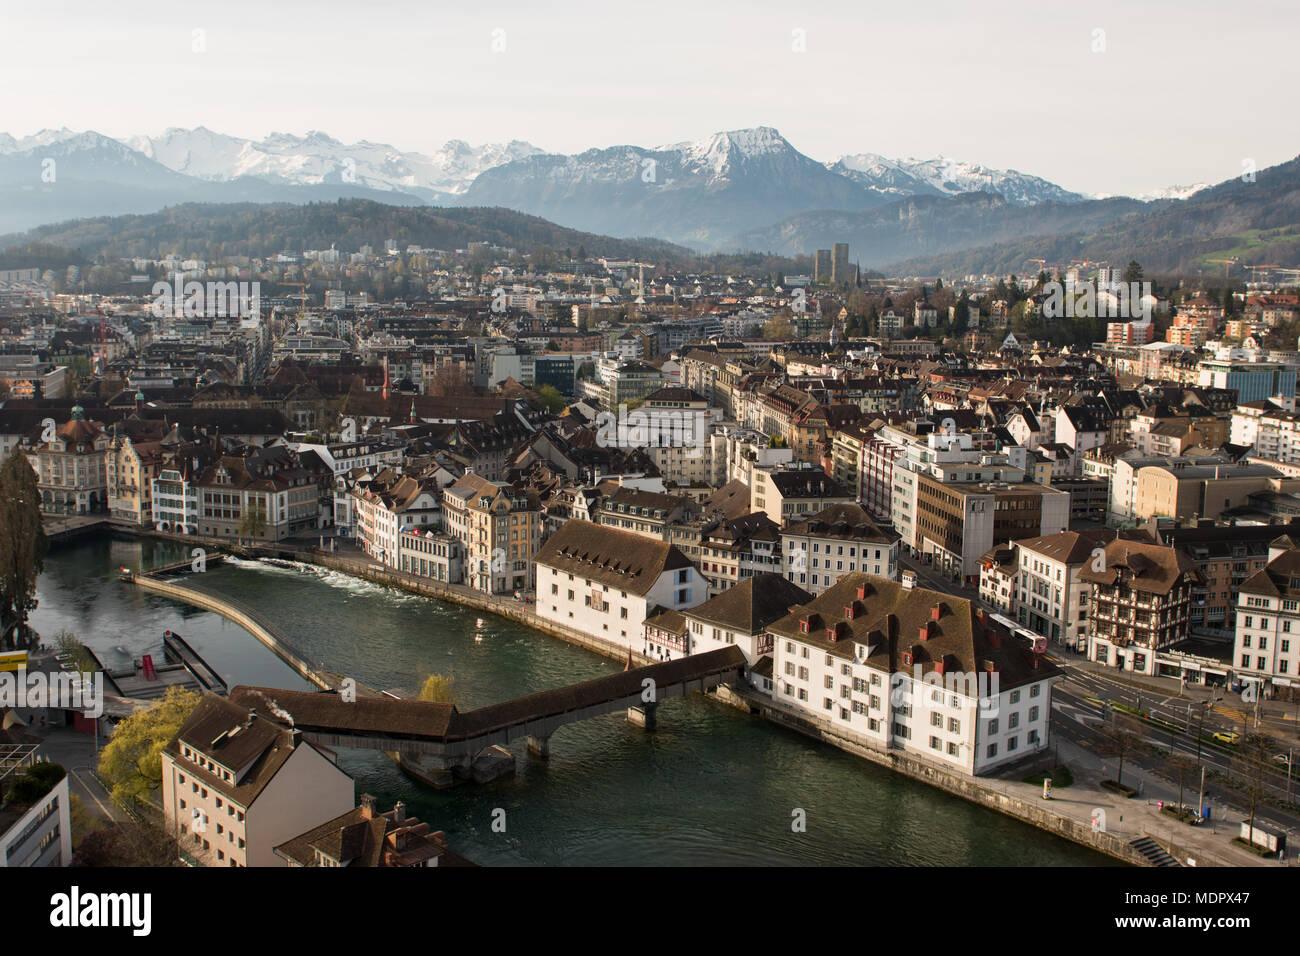 Morgen Blick auf Berg Pilatus und historischen Stadt Luzern, Schweiz. Stockfoto